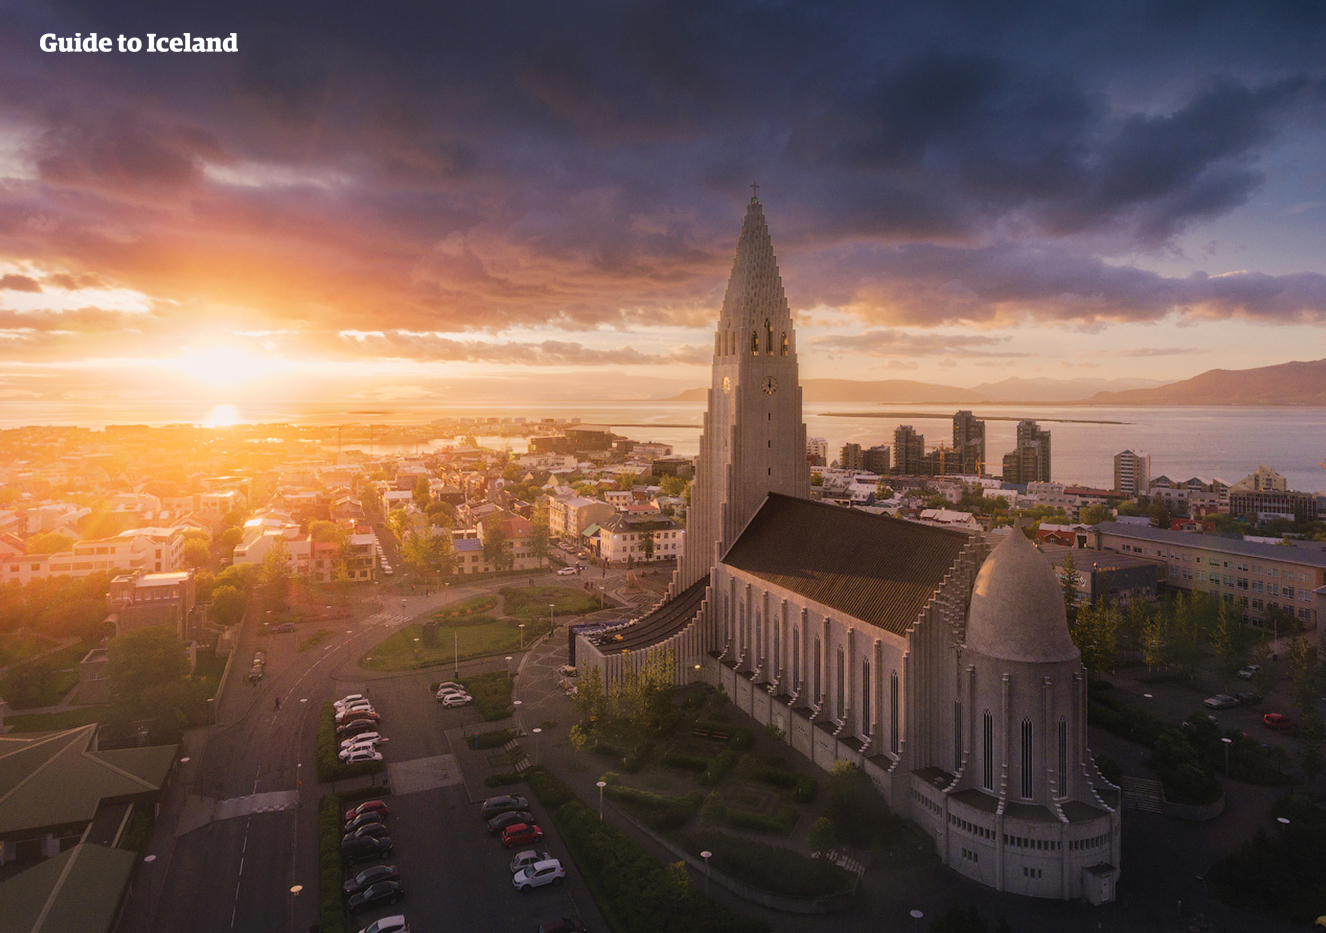 Hallgrímskirkja har fått sitt namn efter den isländska poeten Hallgrímur Pétursson.